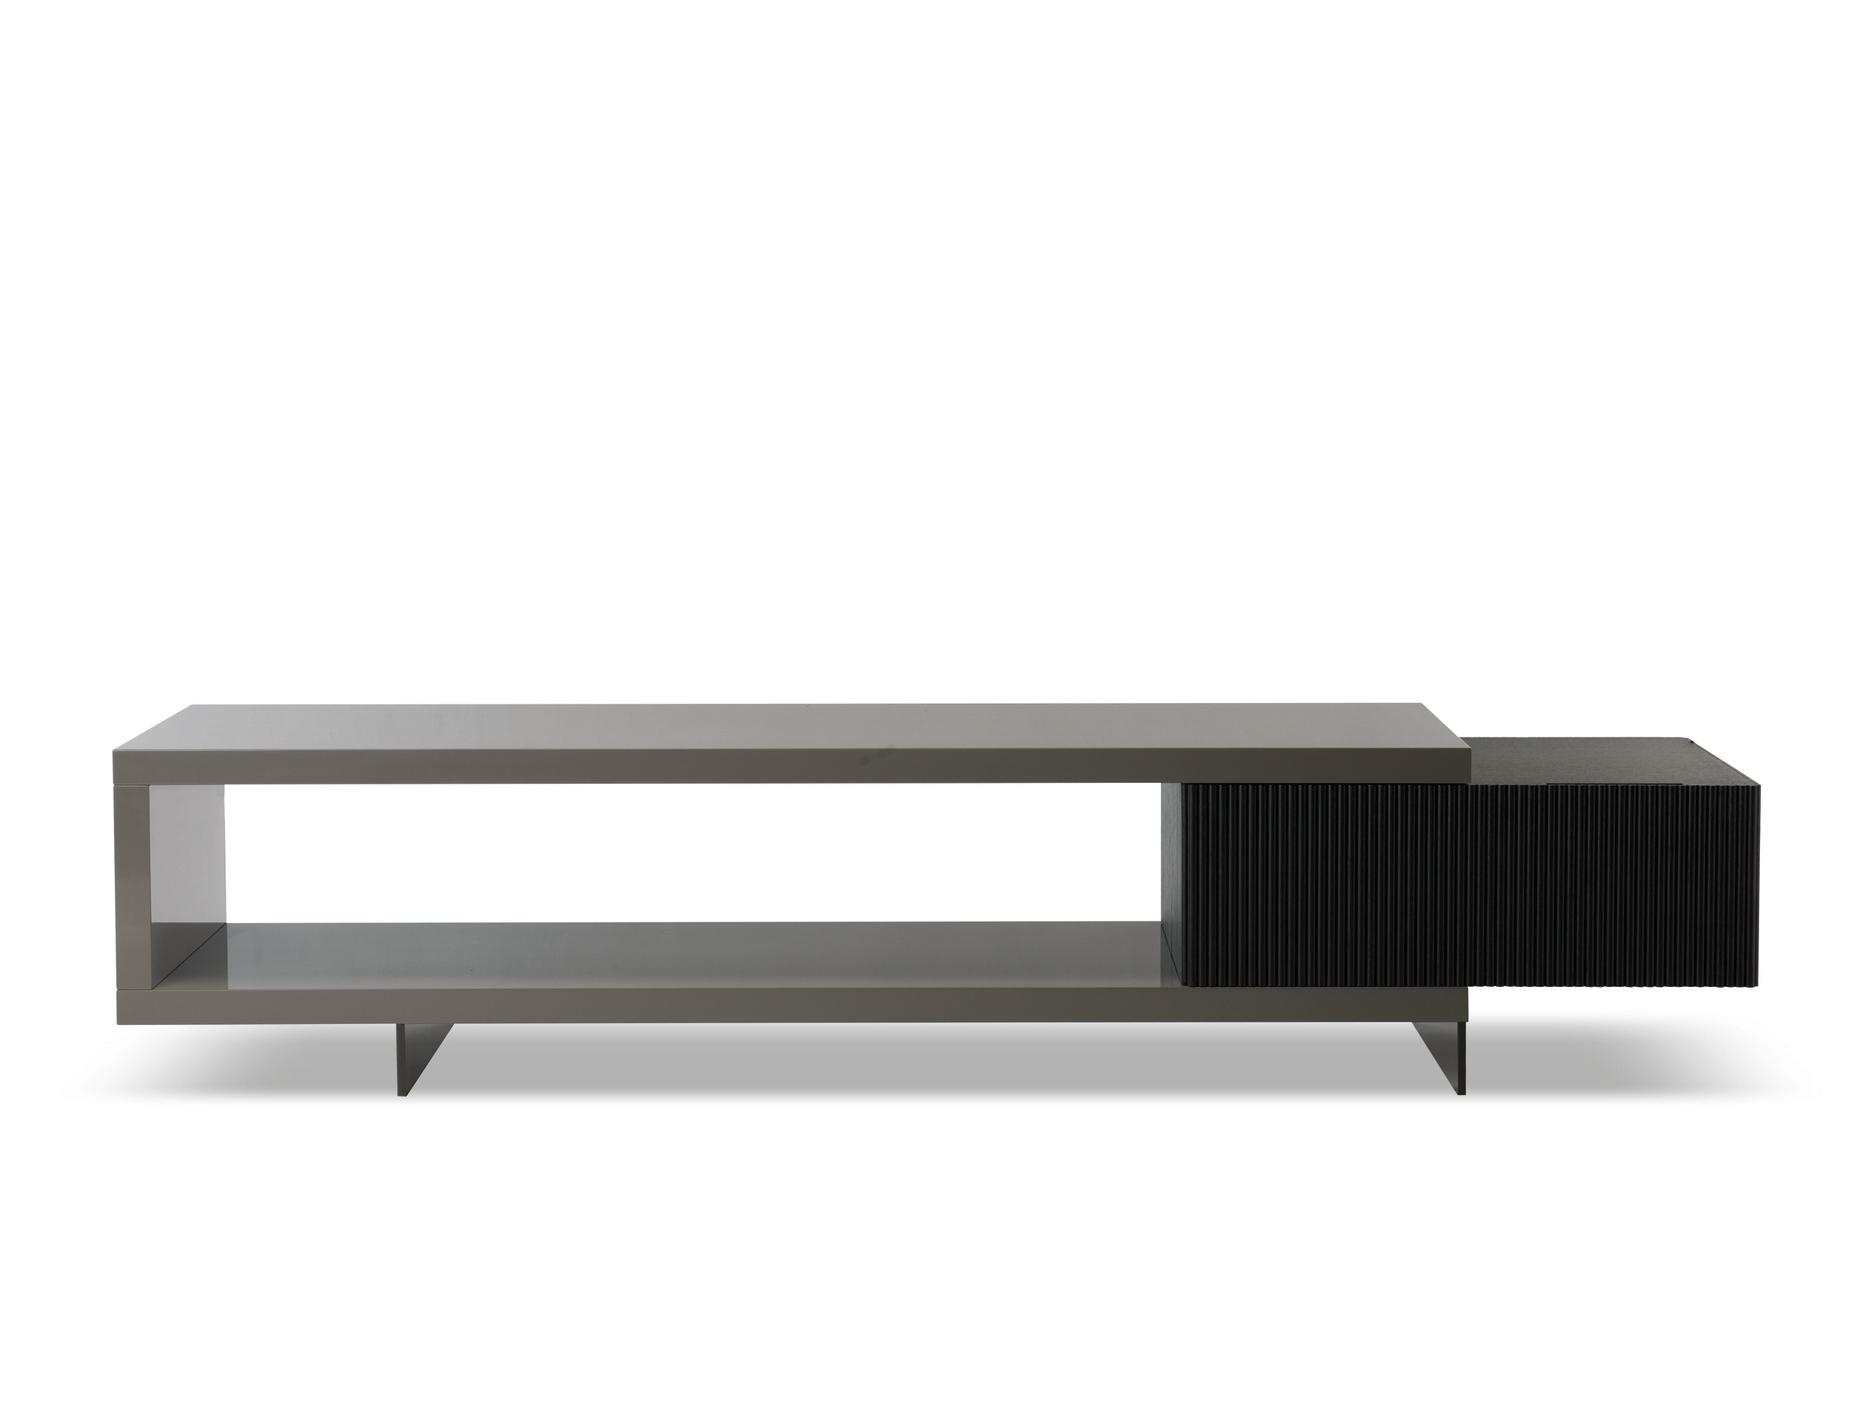 Aylon Storage Units By Rodolfo Dordoni For Minotti